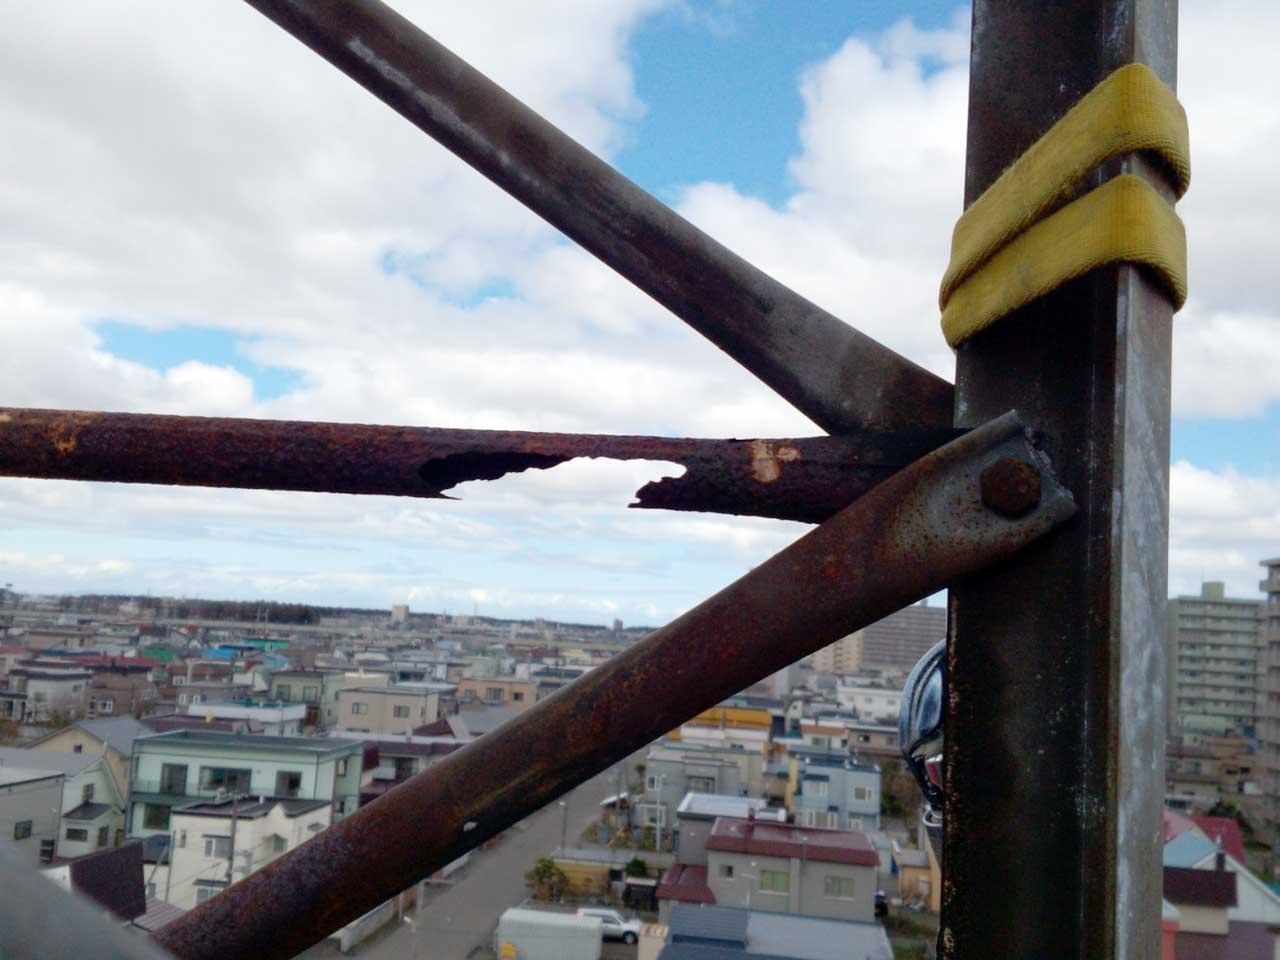 錆びてボロボロの危険なアンテナタワー